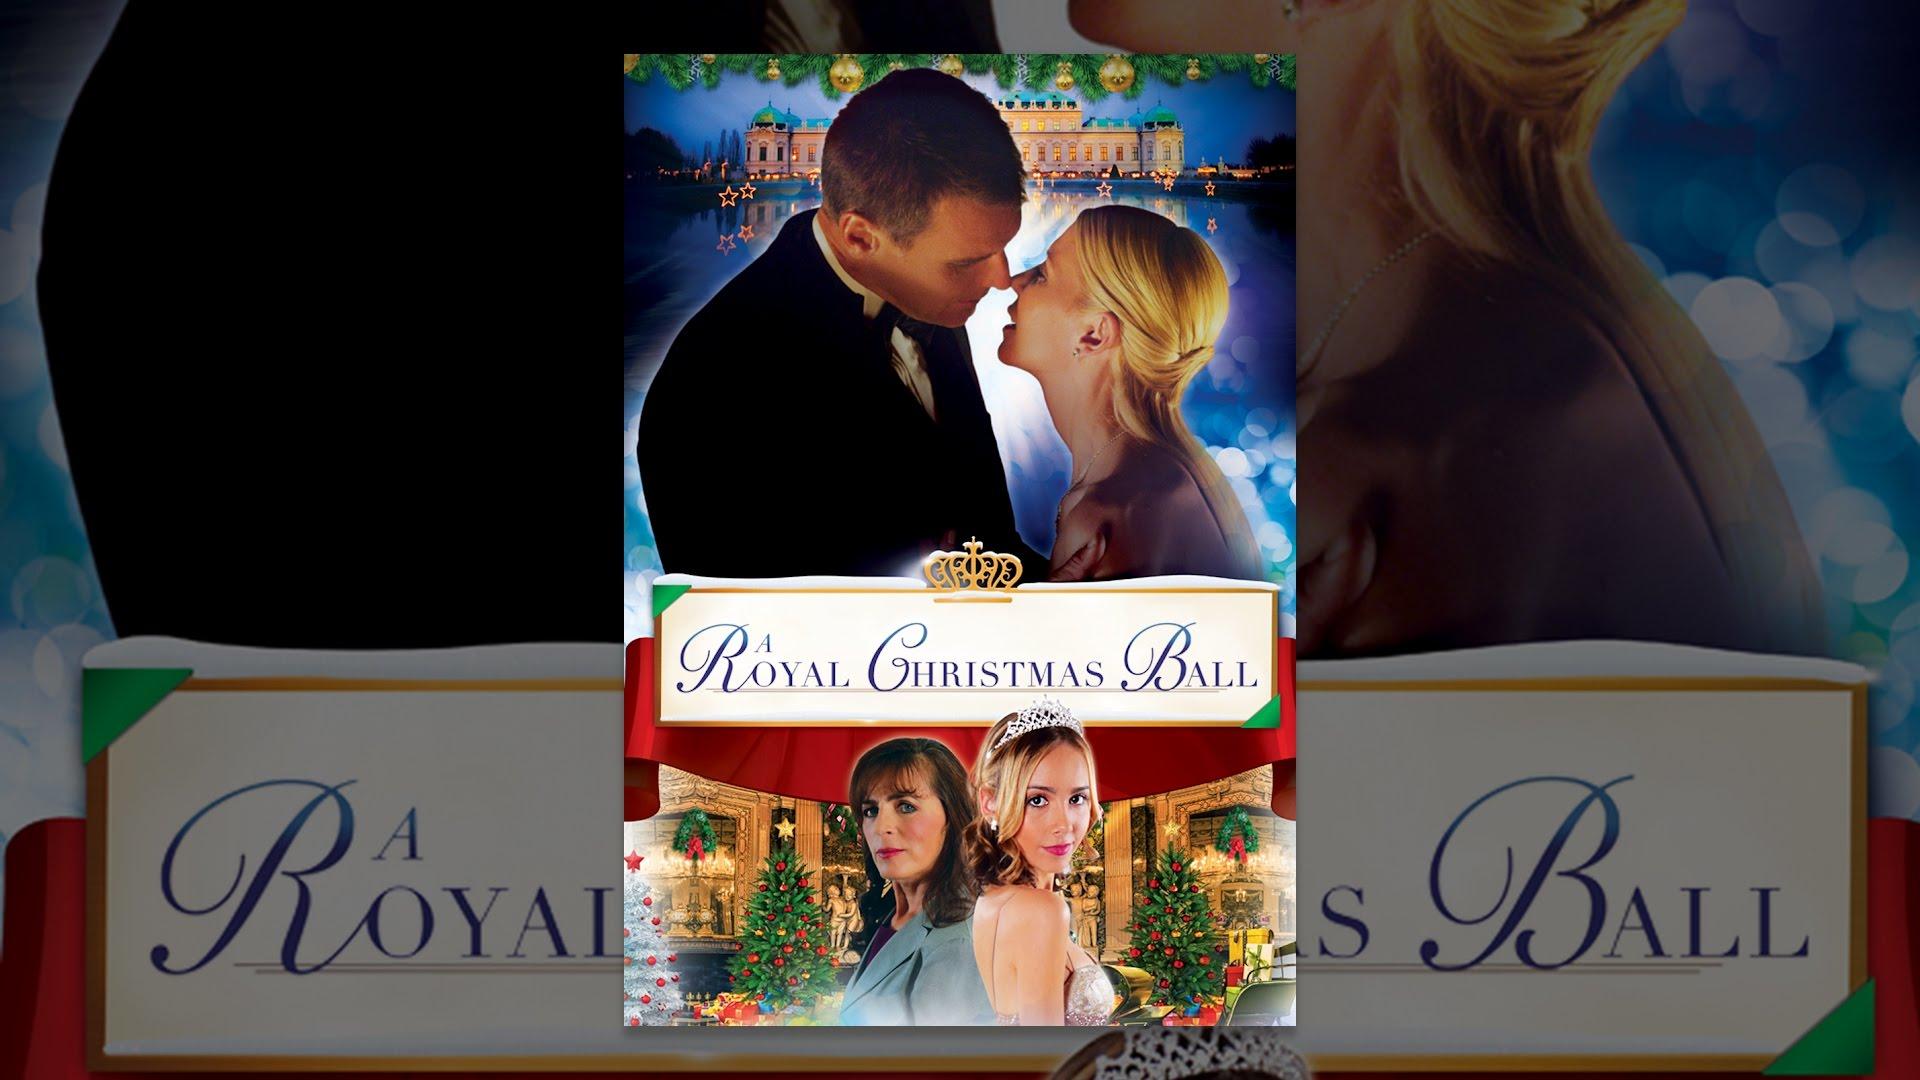 [VIDEO] - A Royal Christmas Ball 2